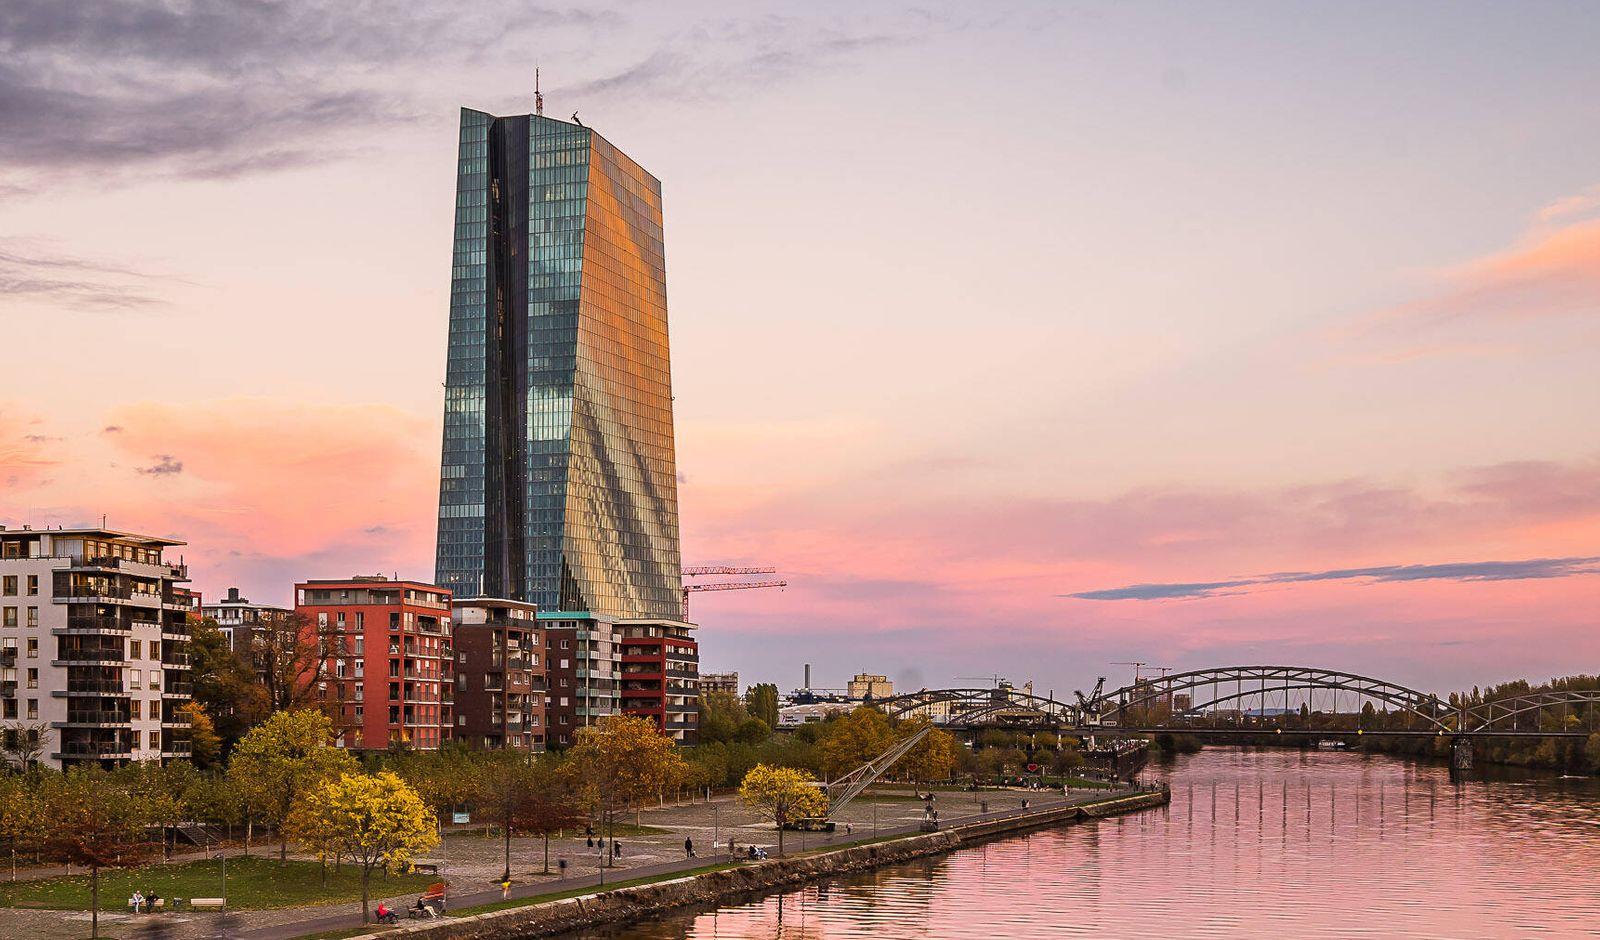 Deutschland - Frankfurt - 02.11.2020 / in Zeiten von Corona / Impressionen aus Frankfurt / am Main - EZB European Centra